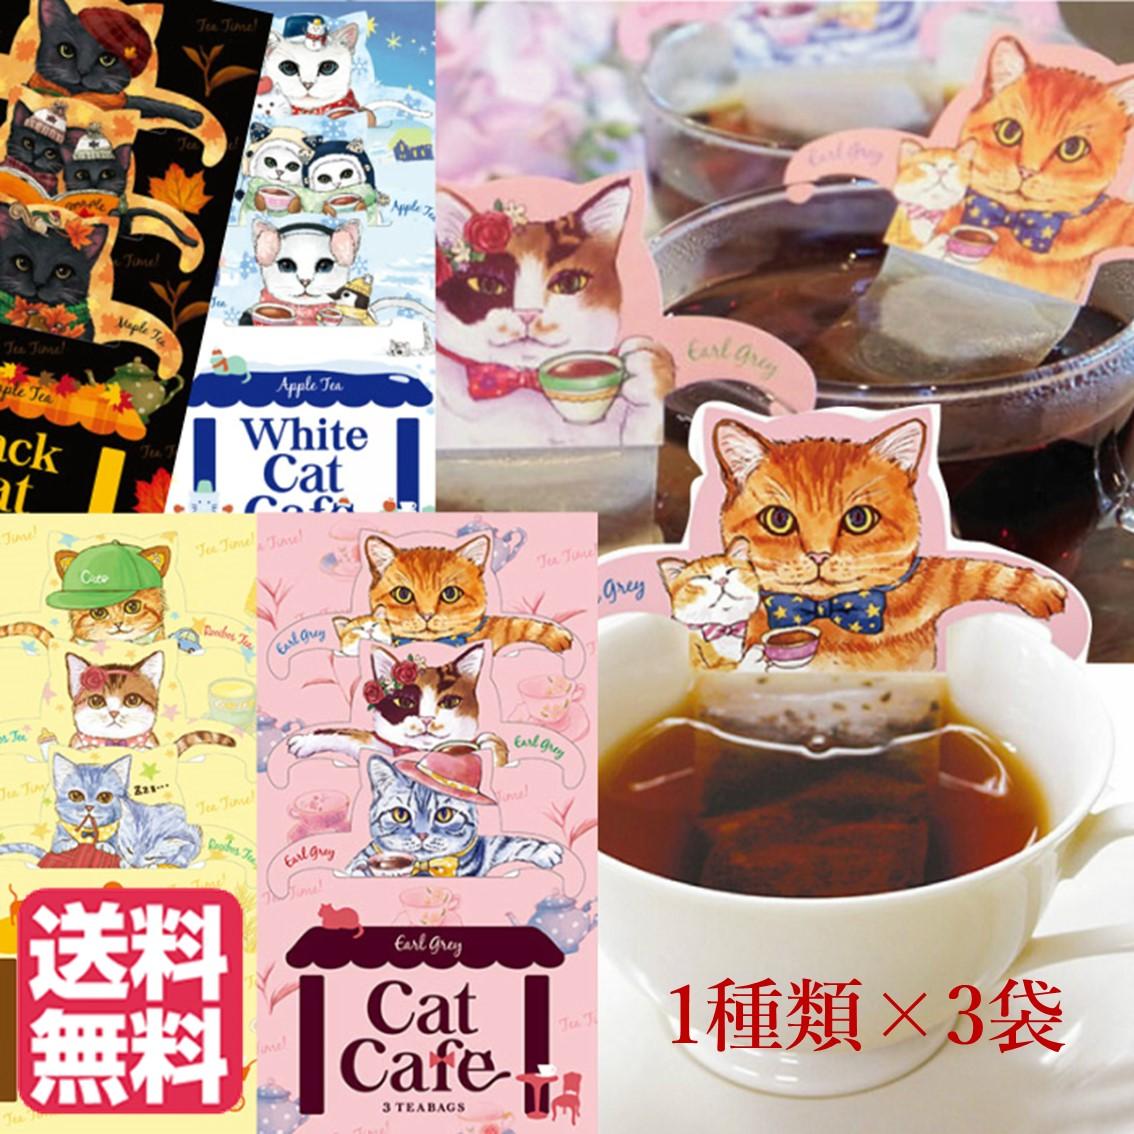 カップの縁にひっかけるティーバッグ 紅茶 ギフト おしゃれ ティーバッグ かわいい メール便送料無料 アールグレイ ルイボスティー メープルティー 全国一律送料無料 アップルティー ネコ ねこ 3袋セット 1種類 猫雑貨 猫 10%OFF フックティー ネコグッズ ネコ雑貨 猫グッズ